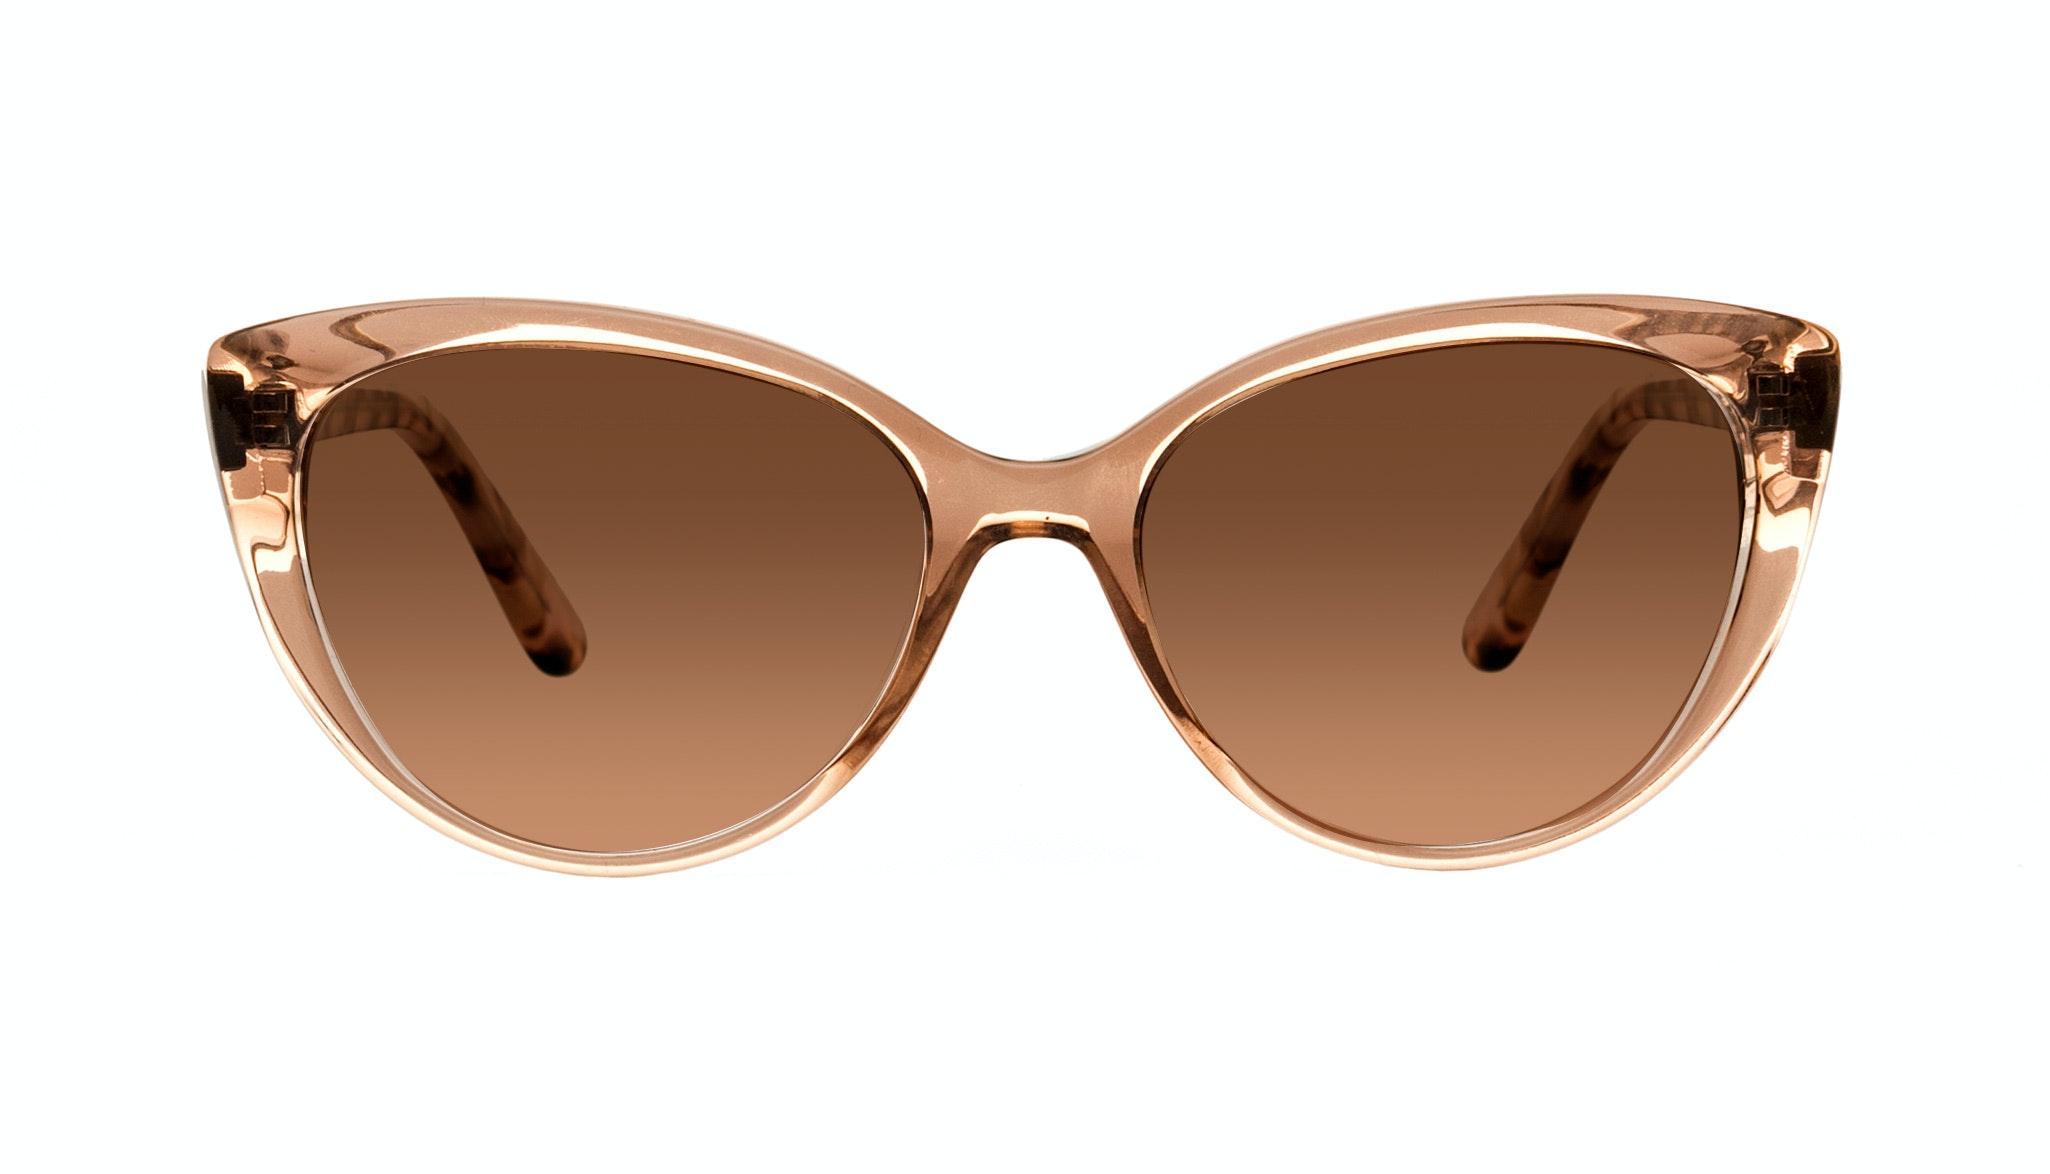 Affordable Fashion Glasses Cat Eye Sunglasses Women Bliss Rose Tortoise